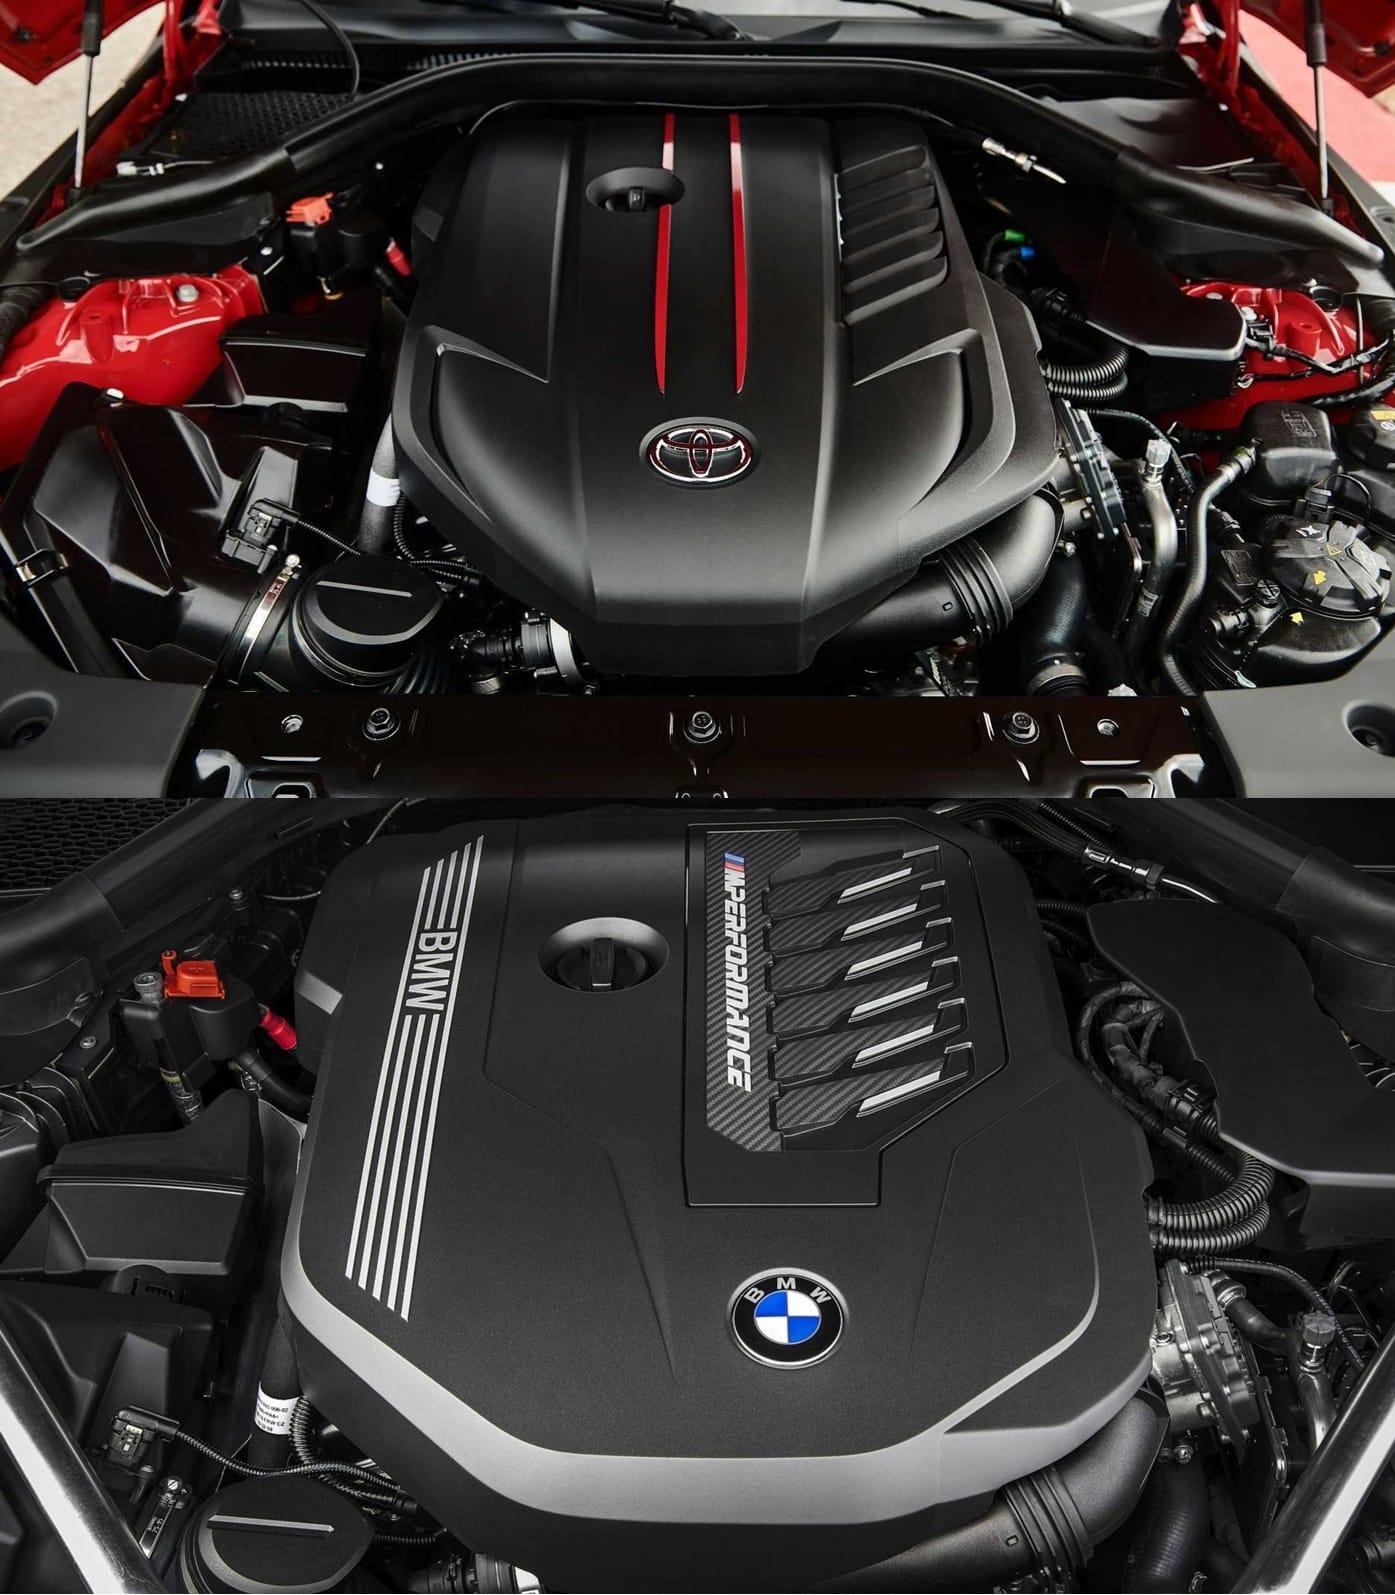 Bmw Z4 M Coupe Interior: ¿Es El Toyota Supra El BMW Z4 Coupé Que No Veremos?